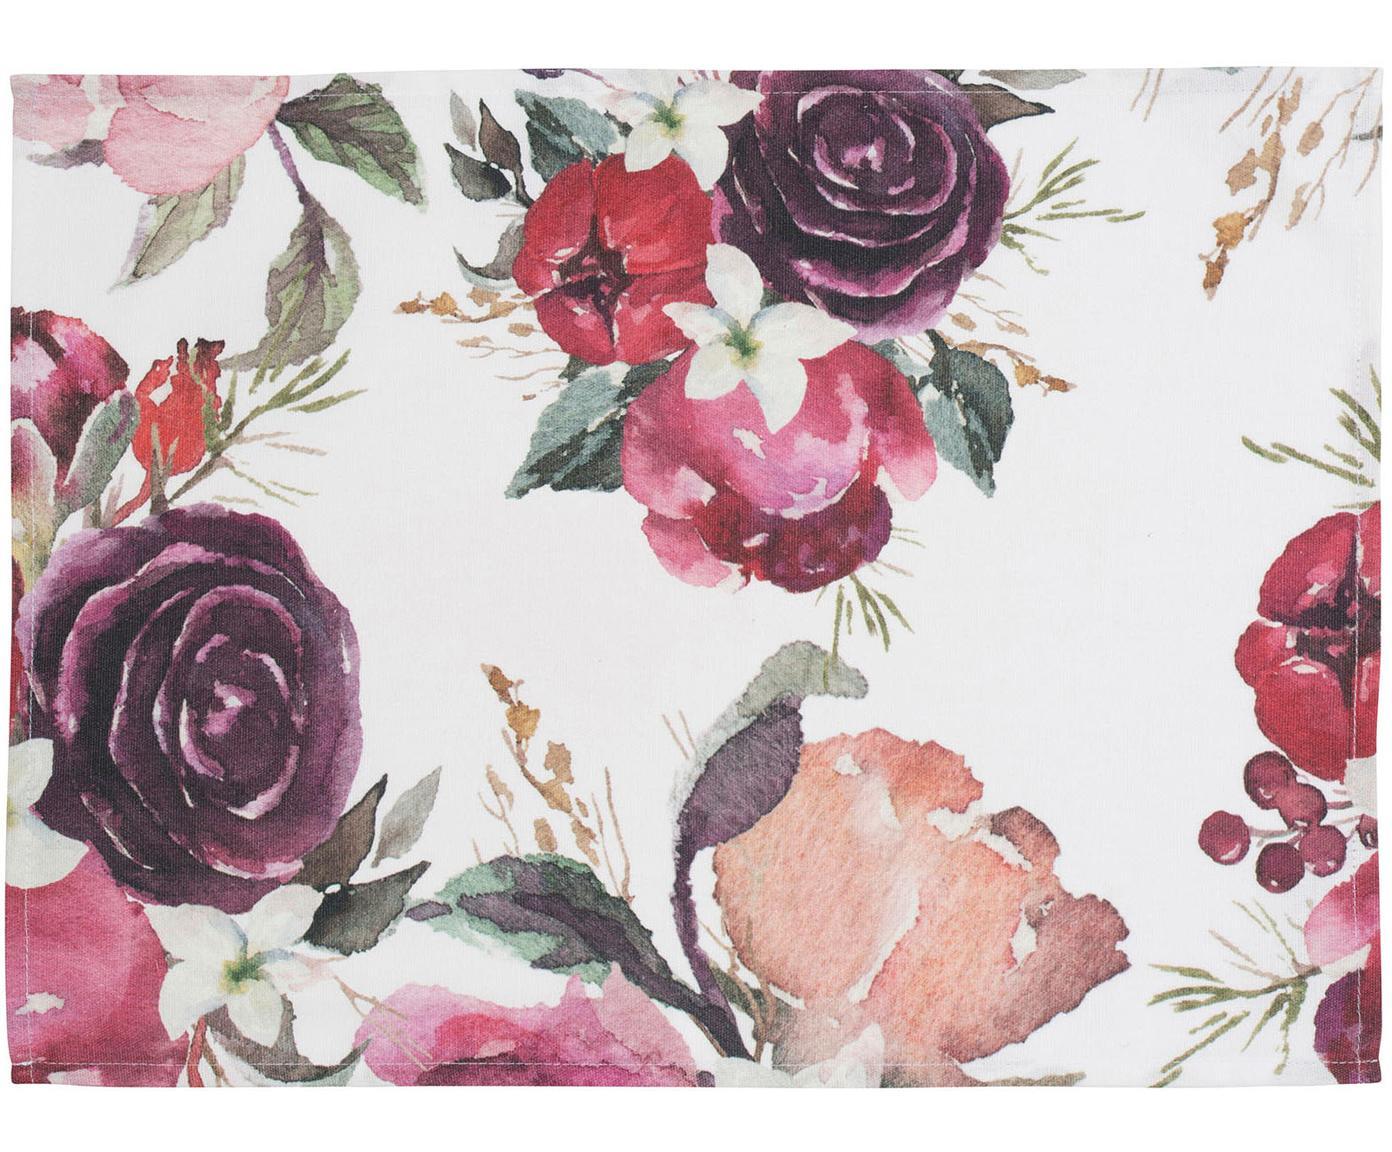 Baumwoll-Tischsets Florisia mit Blumenmuster, 2 Stück, Baumwolle, Rosa, Weiß, 38 x 50 cm